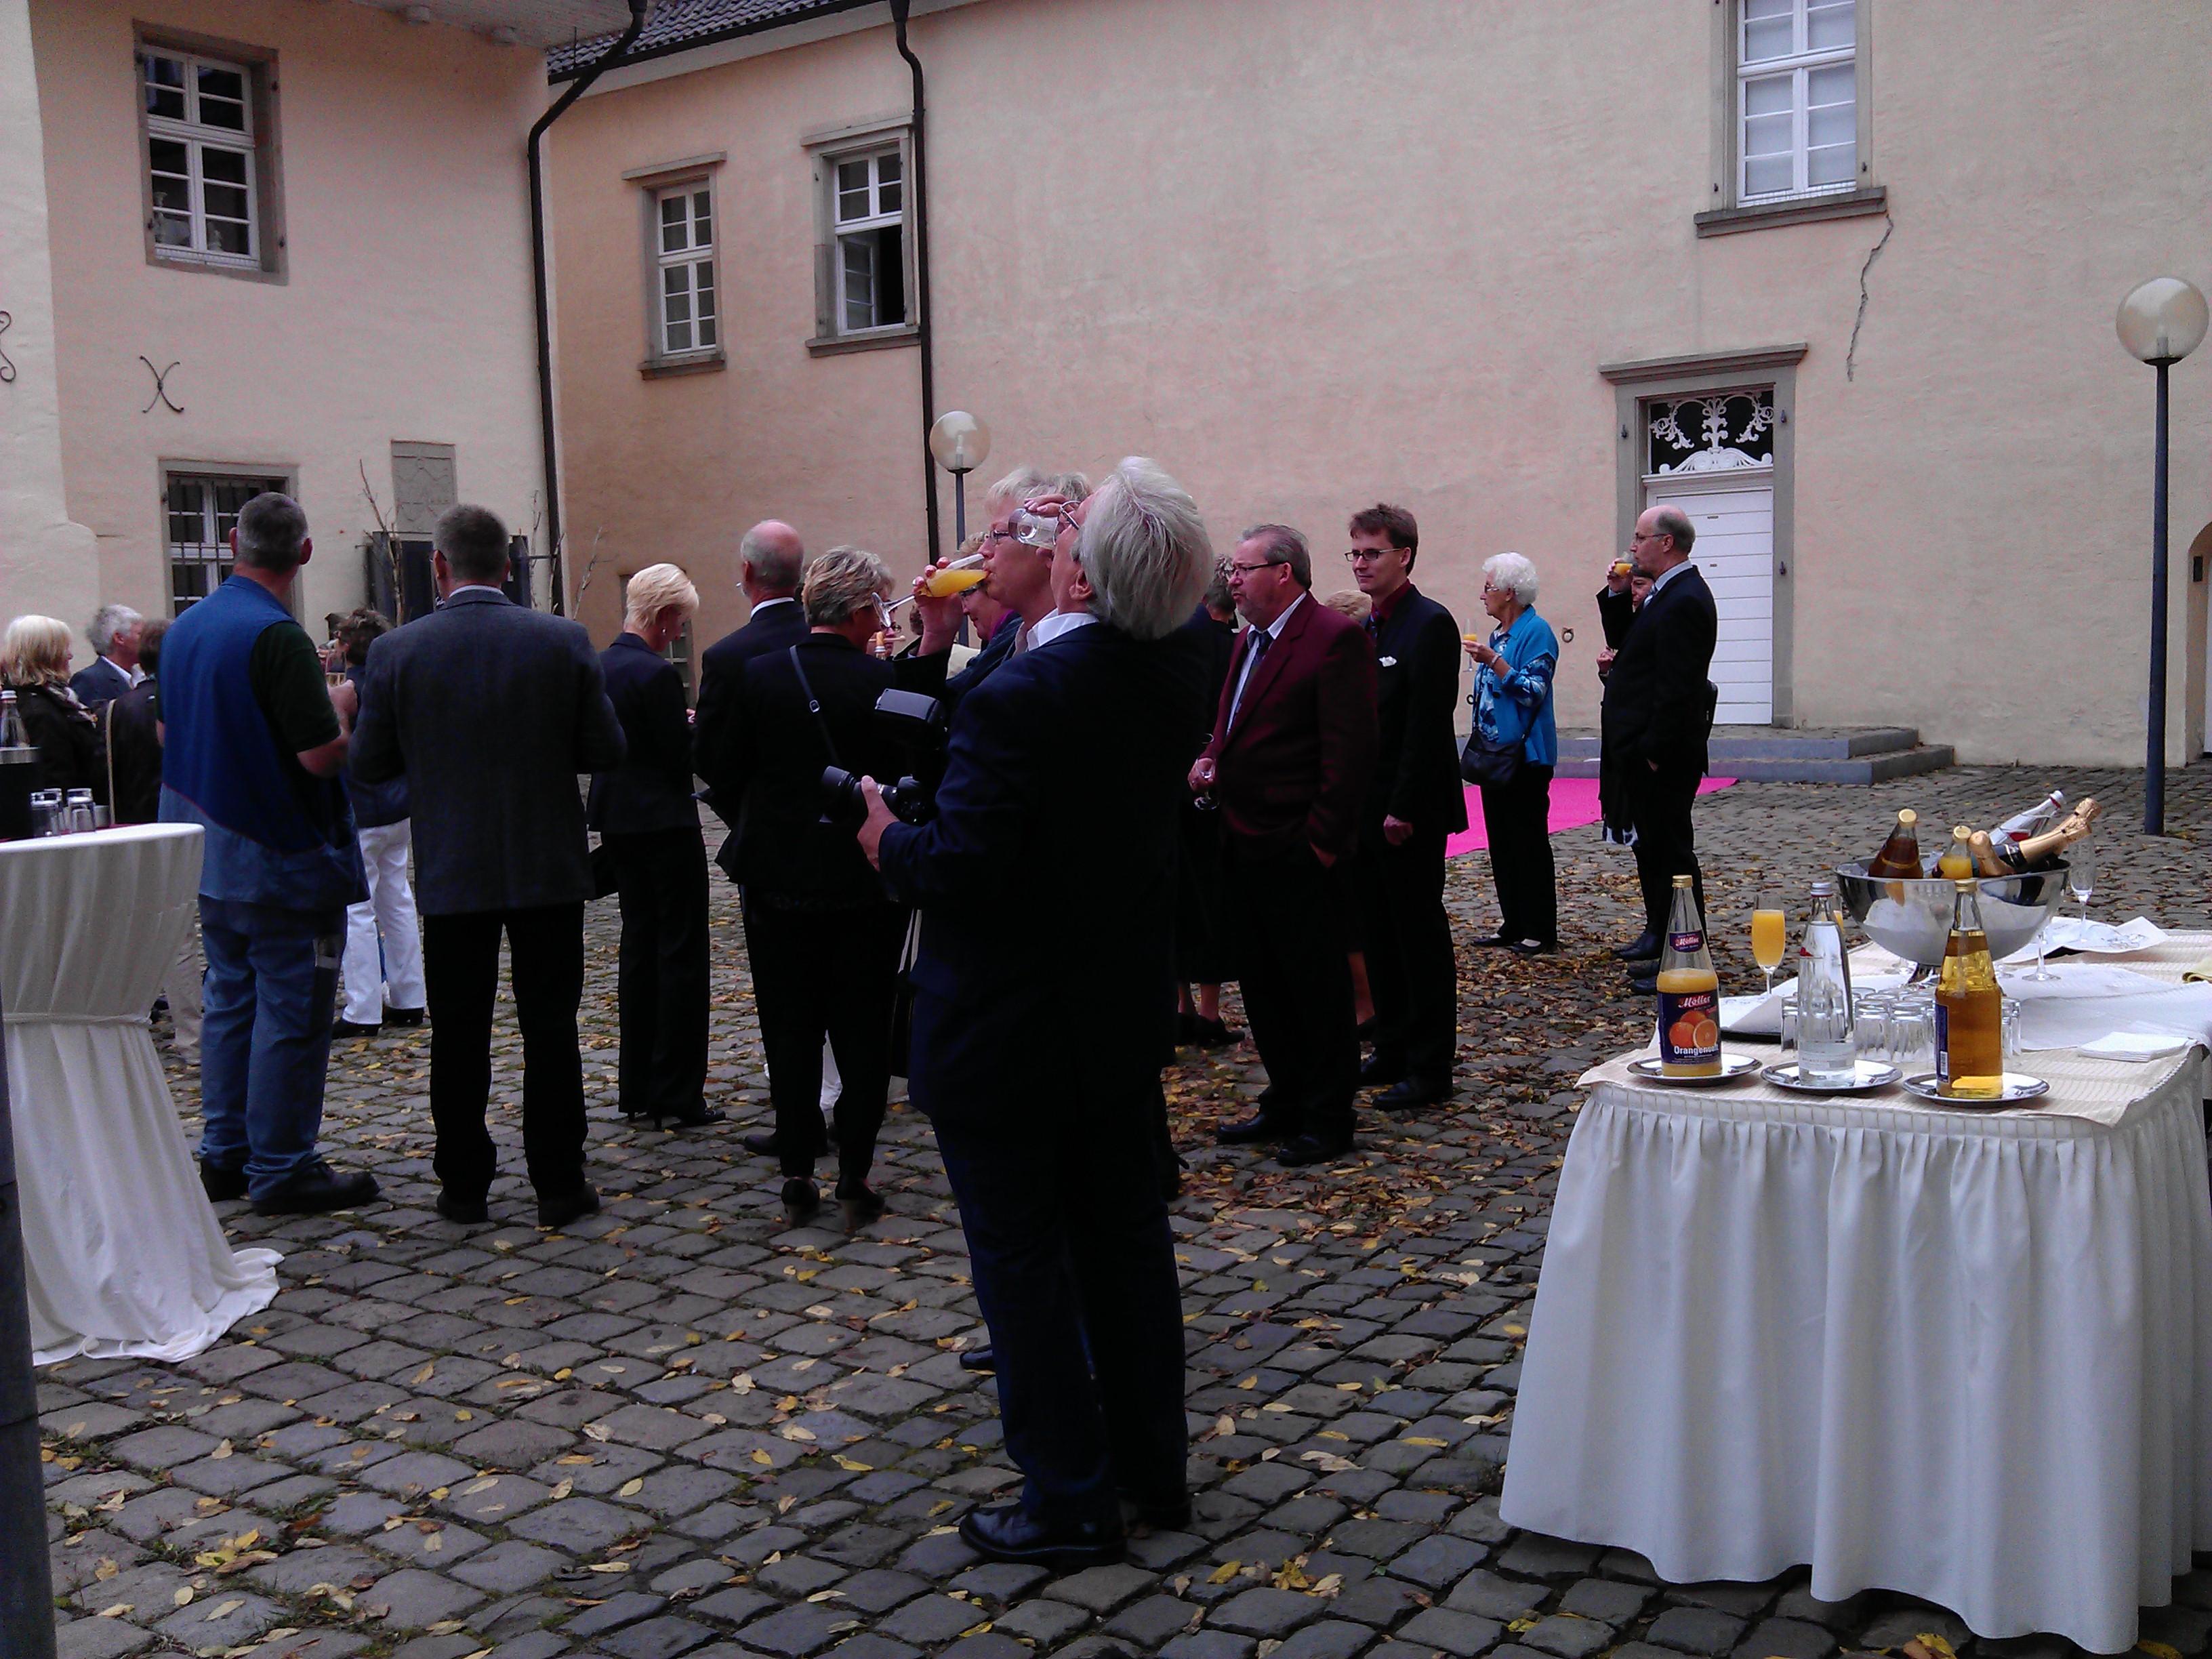 Sektempfang Schloss Martfeld Schwelm -5 | ©ihrehochzeitstauben